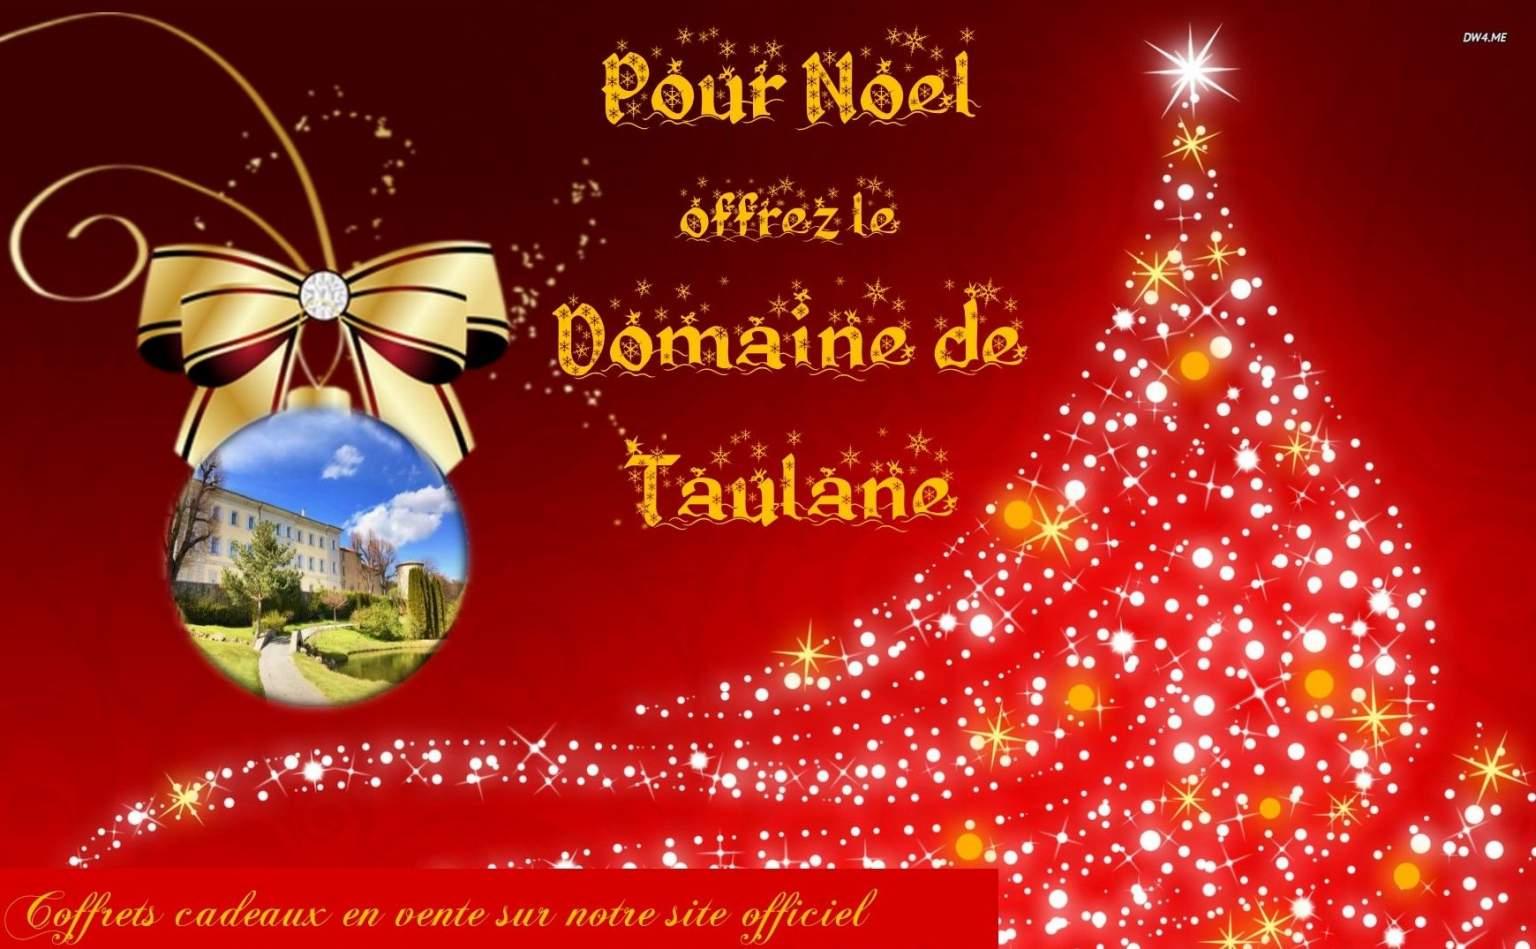 <span>A Noel offrez le Domaine de Taulane !</span>